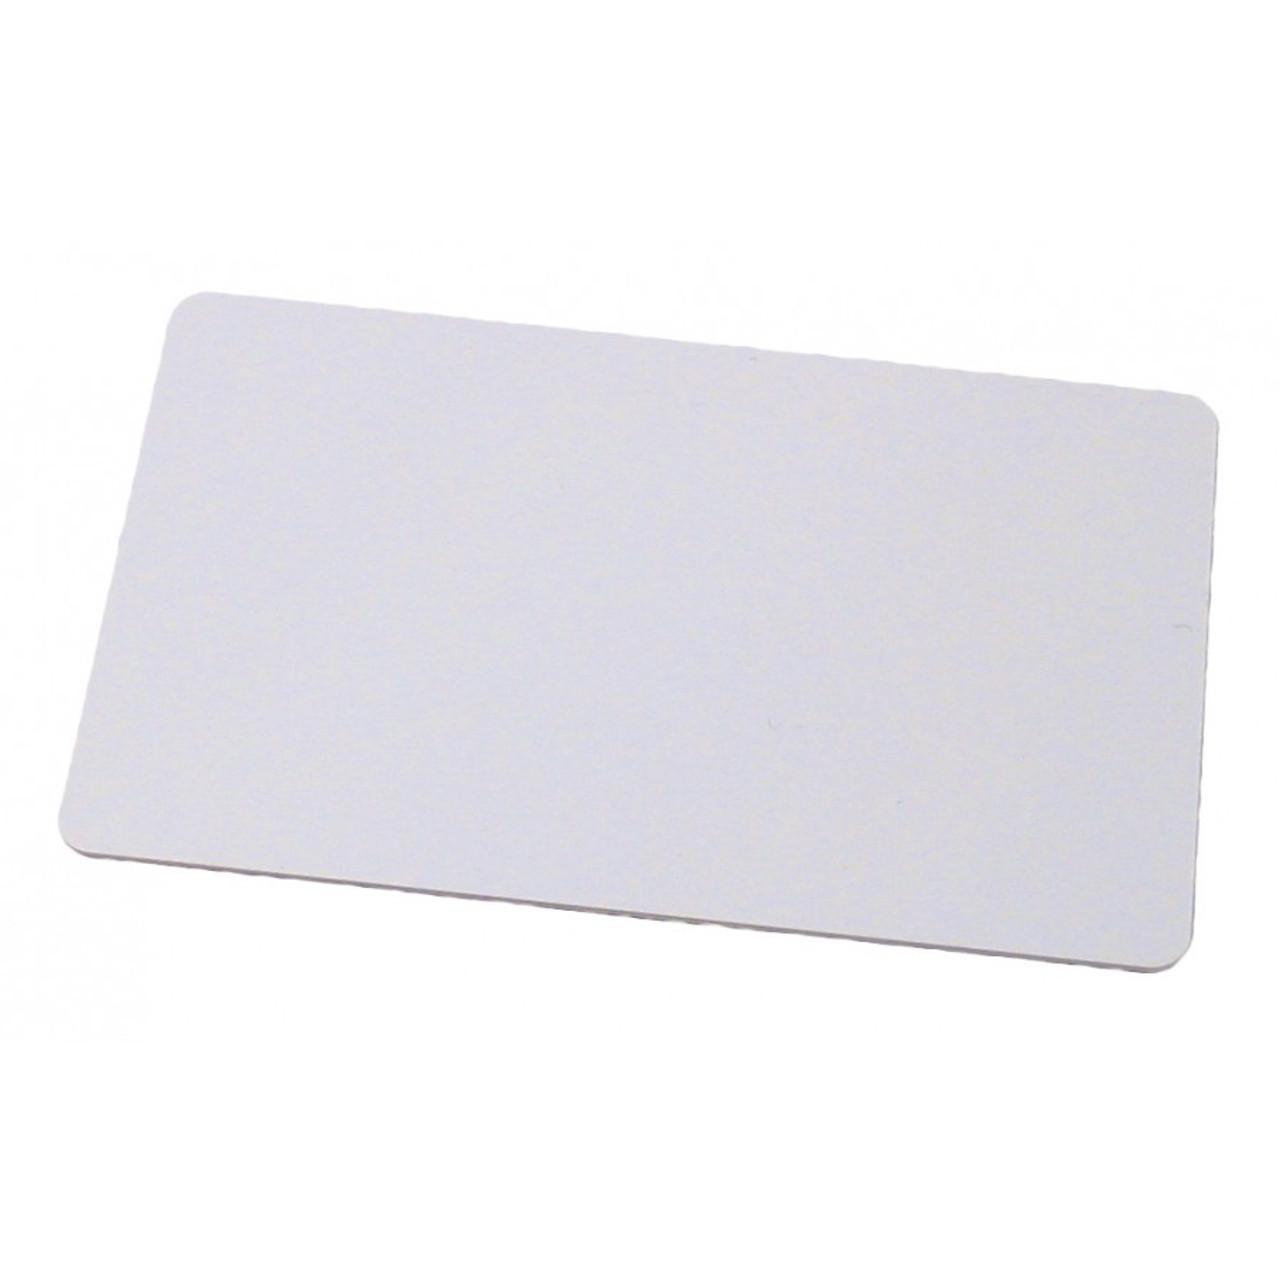 RFID CARD for 13.56 mHz RFID locks